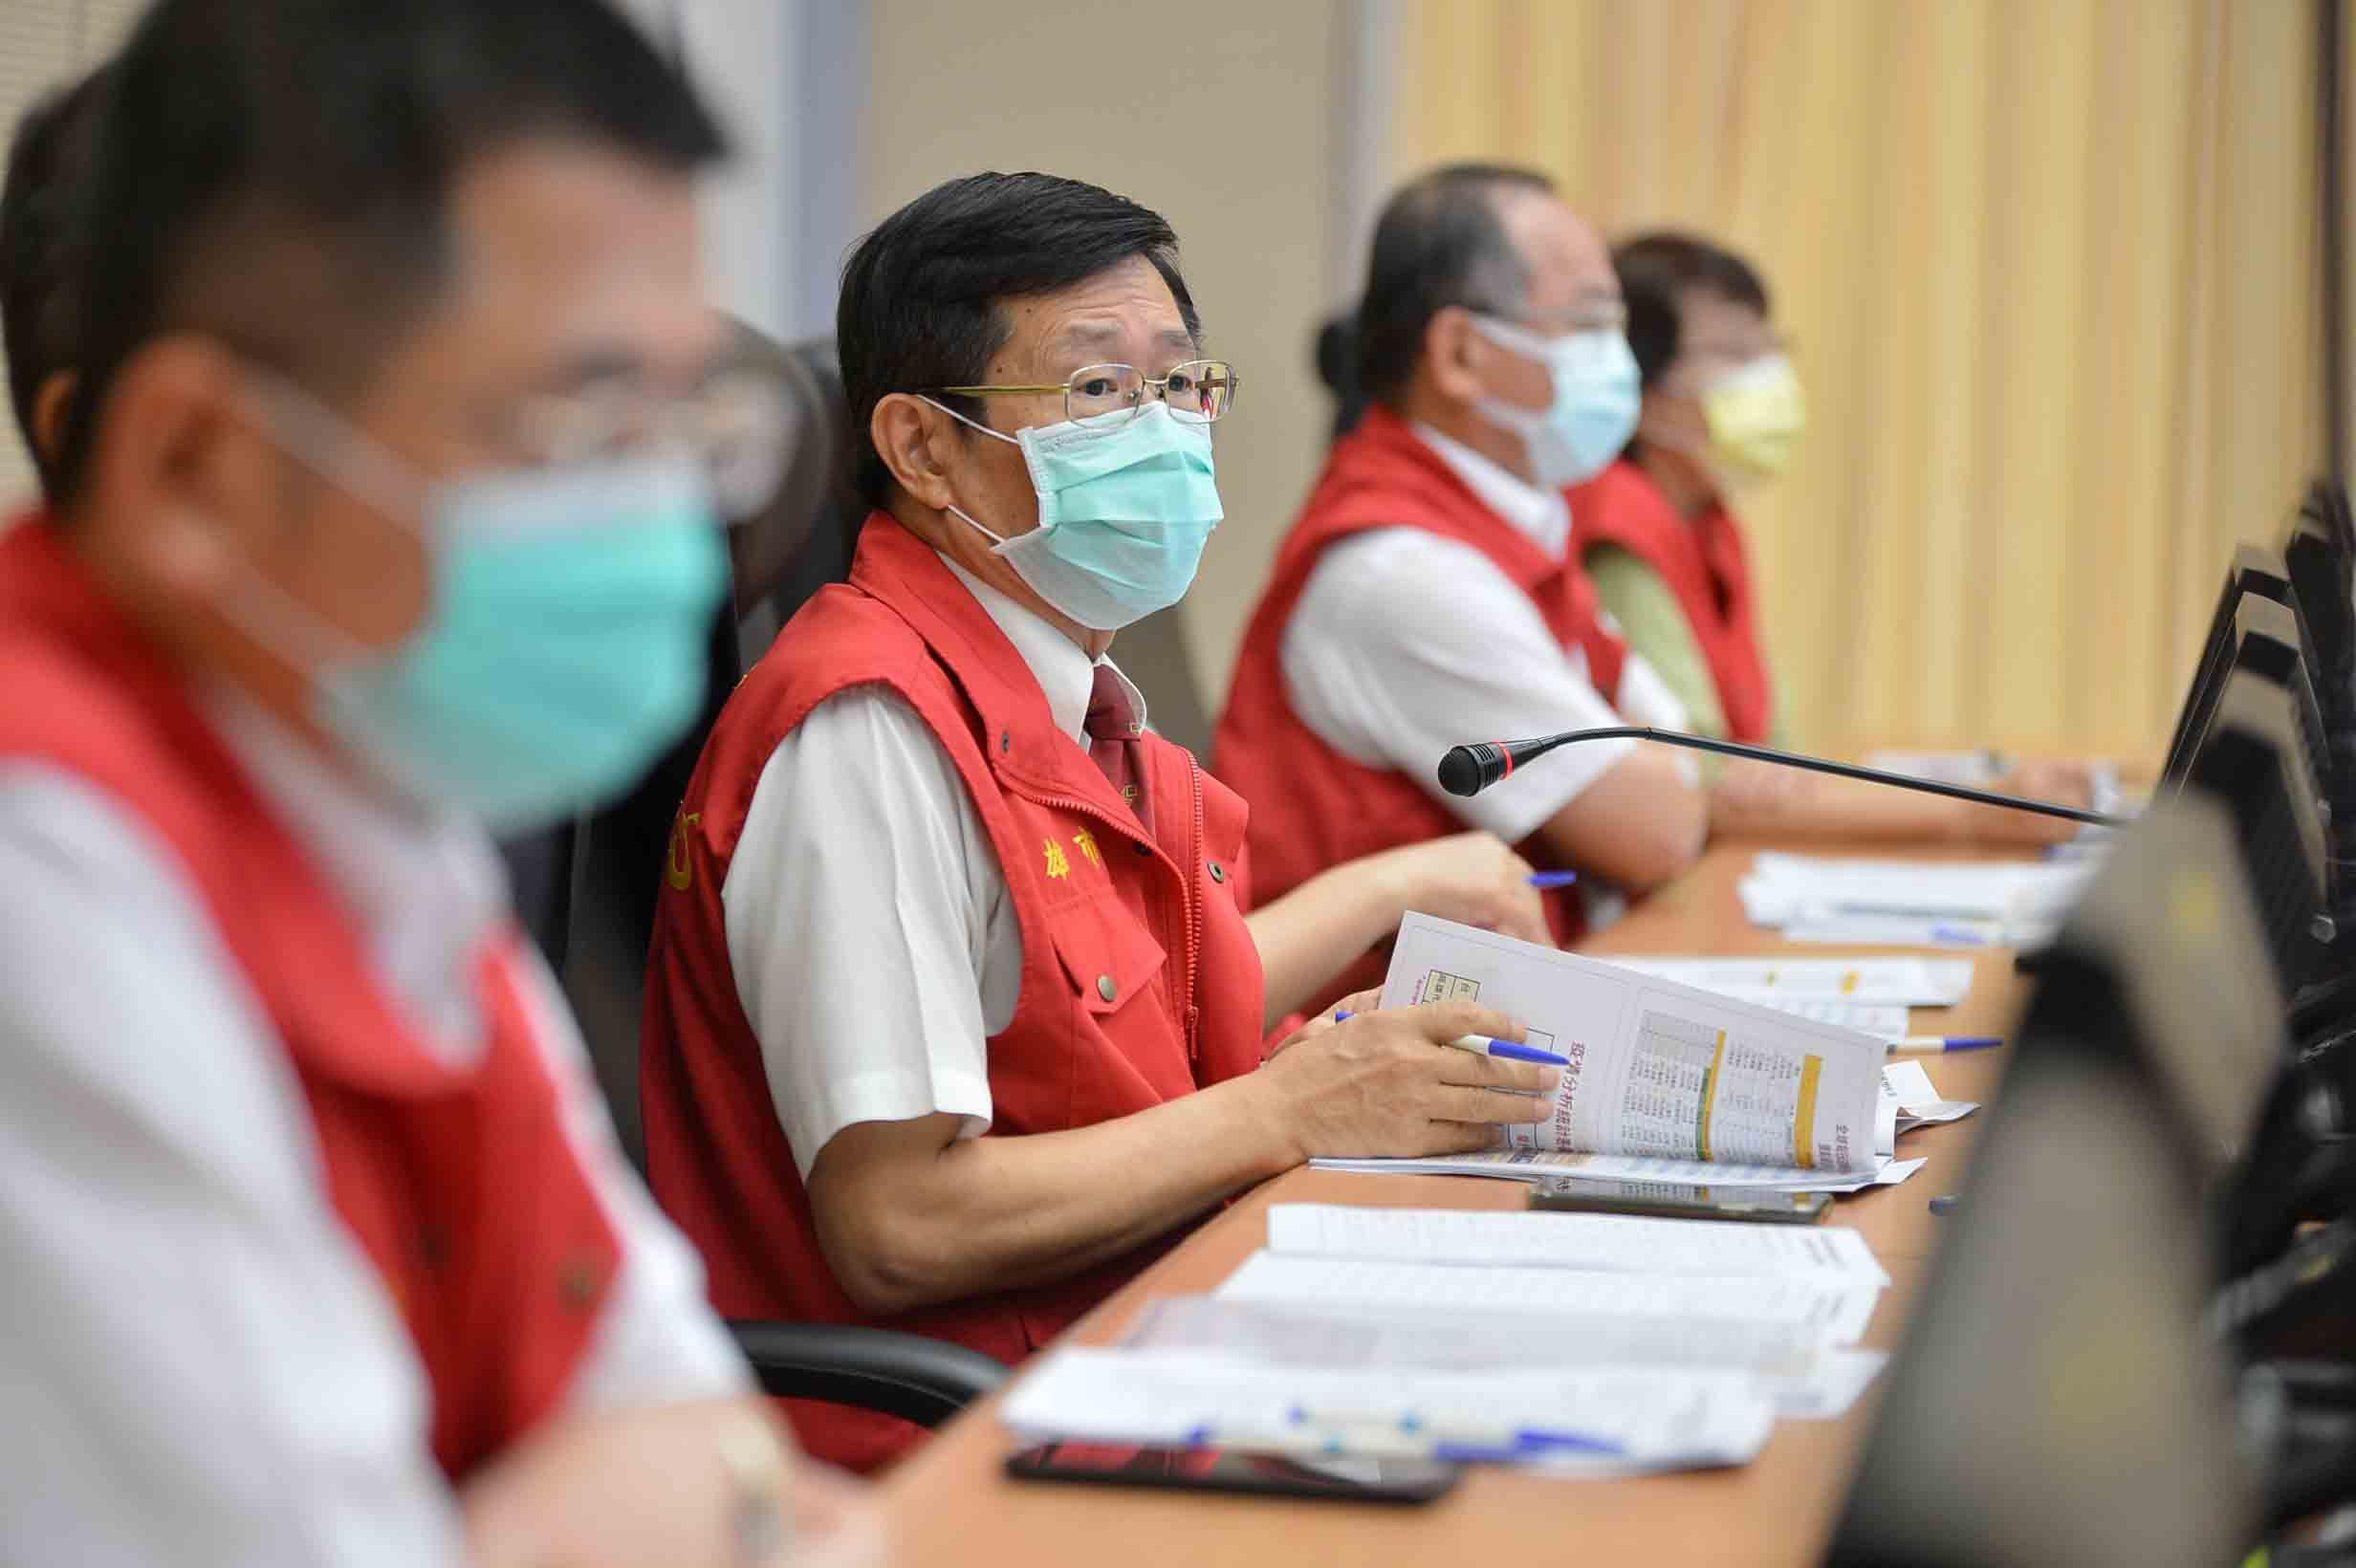 持續落實防疫 楊明州提醒密閉空間要戴口罩。(記者劉明吉翻攝)